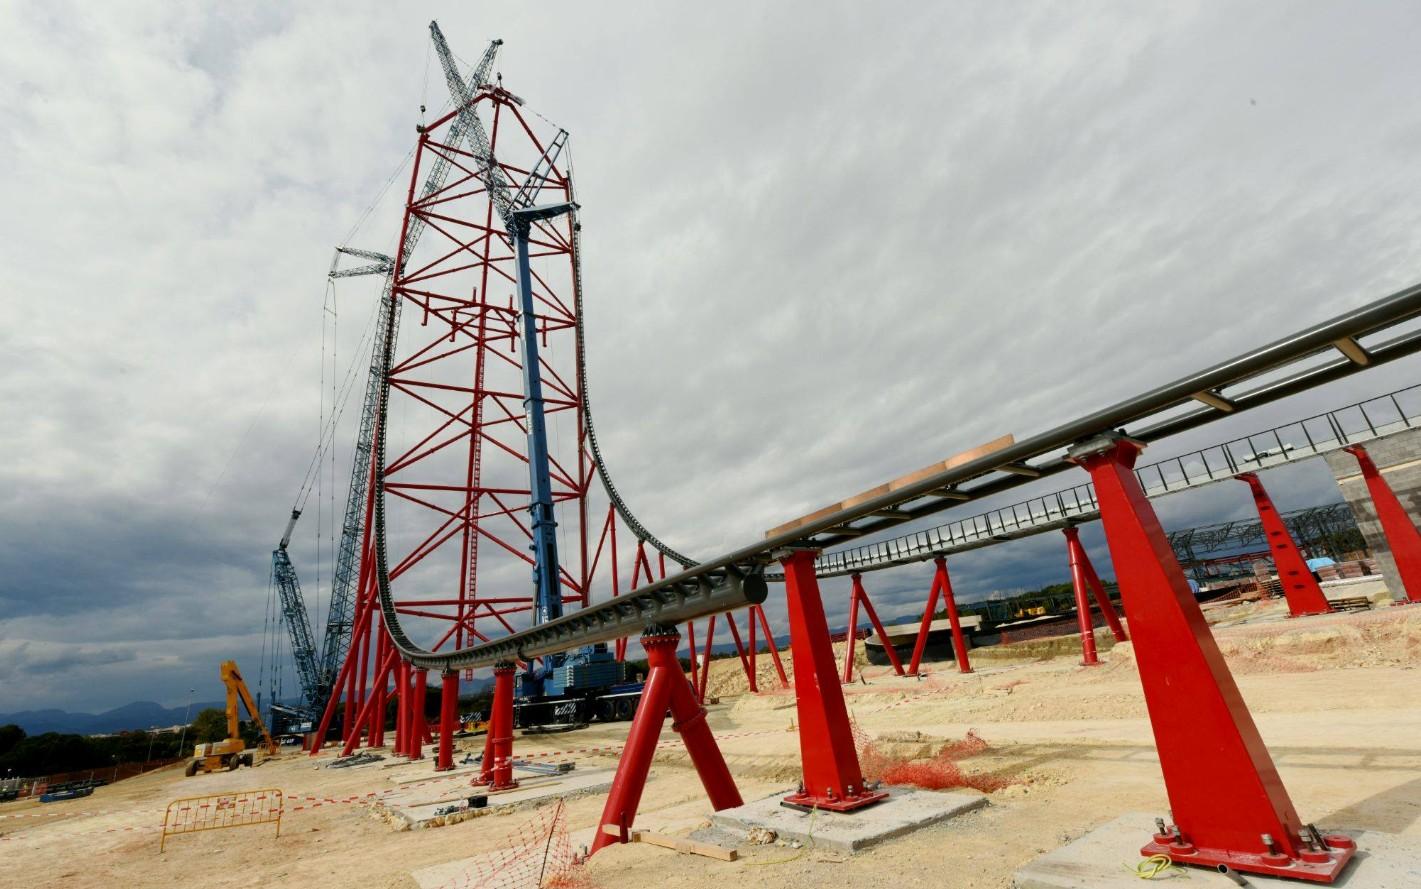 parks trip la nouvelle attraction de portaventura world atteint des sommets